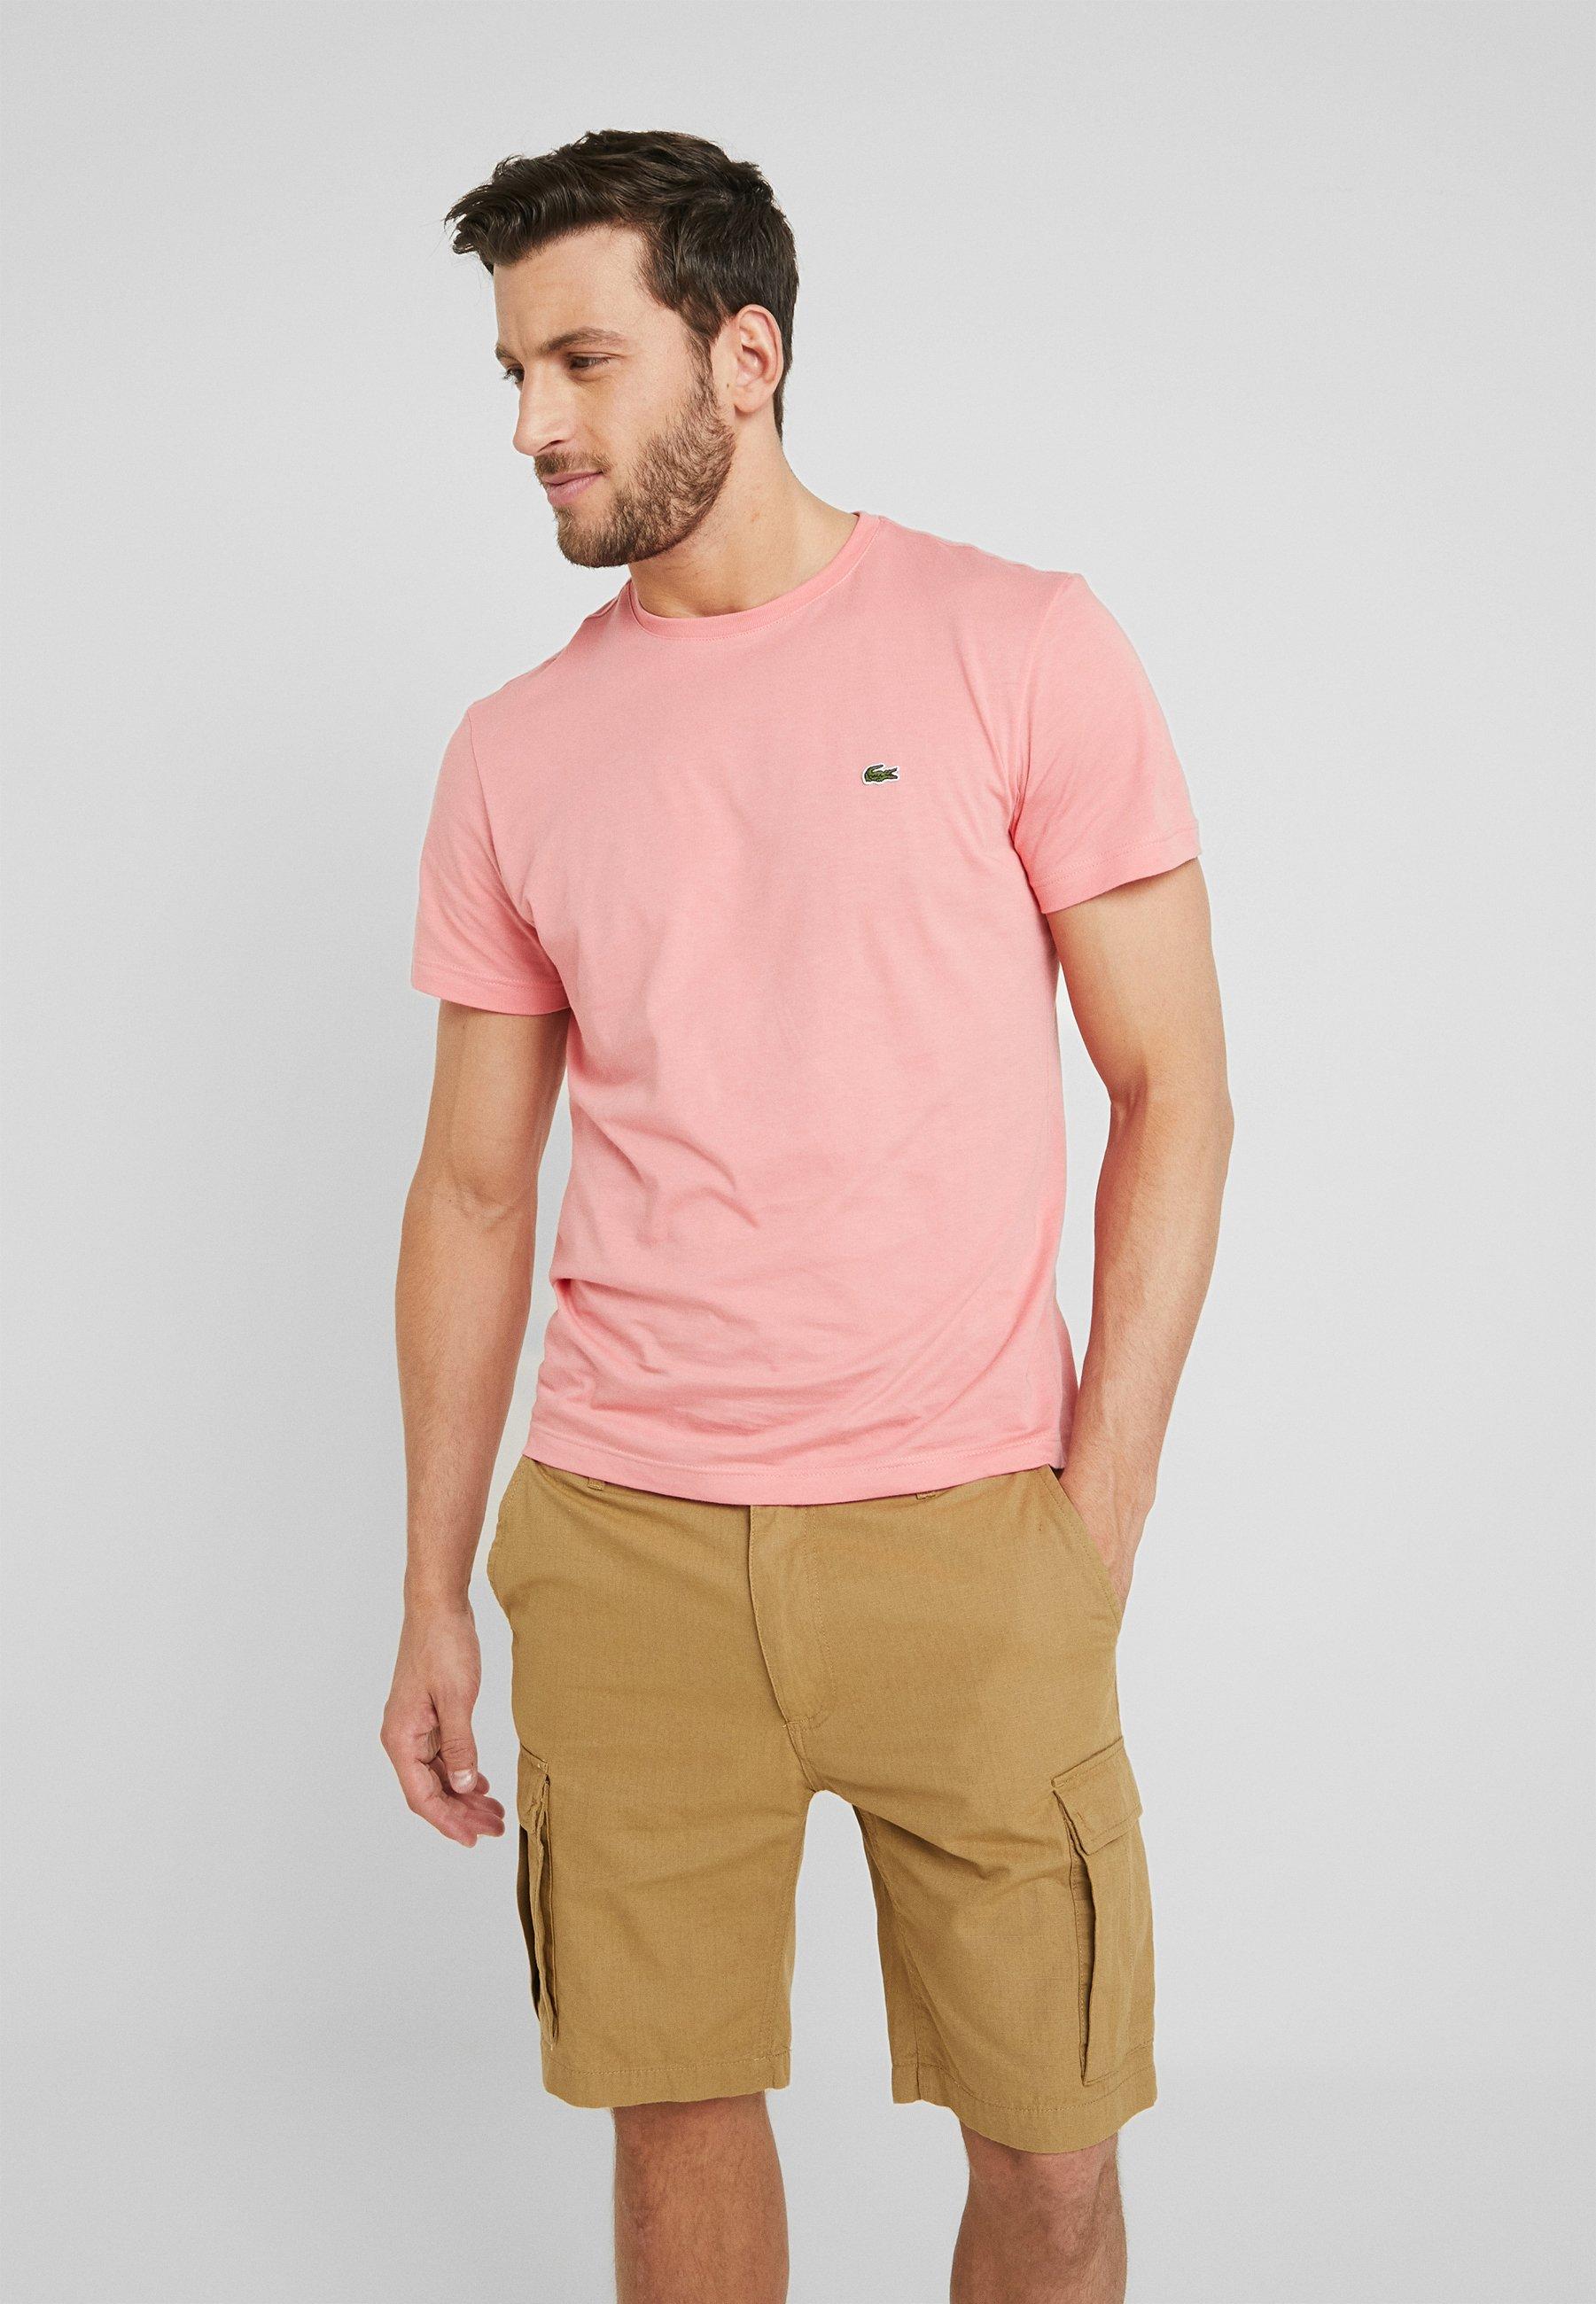 Lacoste shirt Lacoste BasiquePrincesse T T byf76g